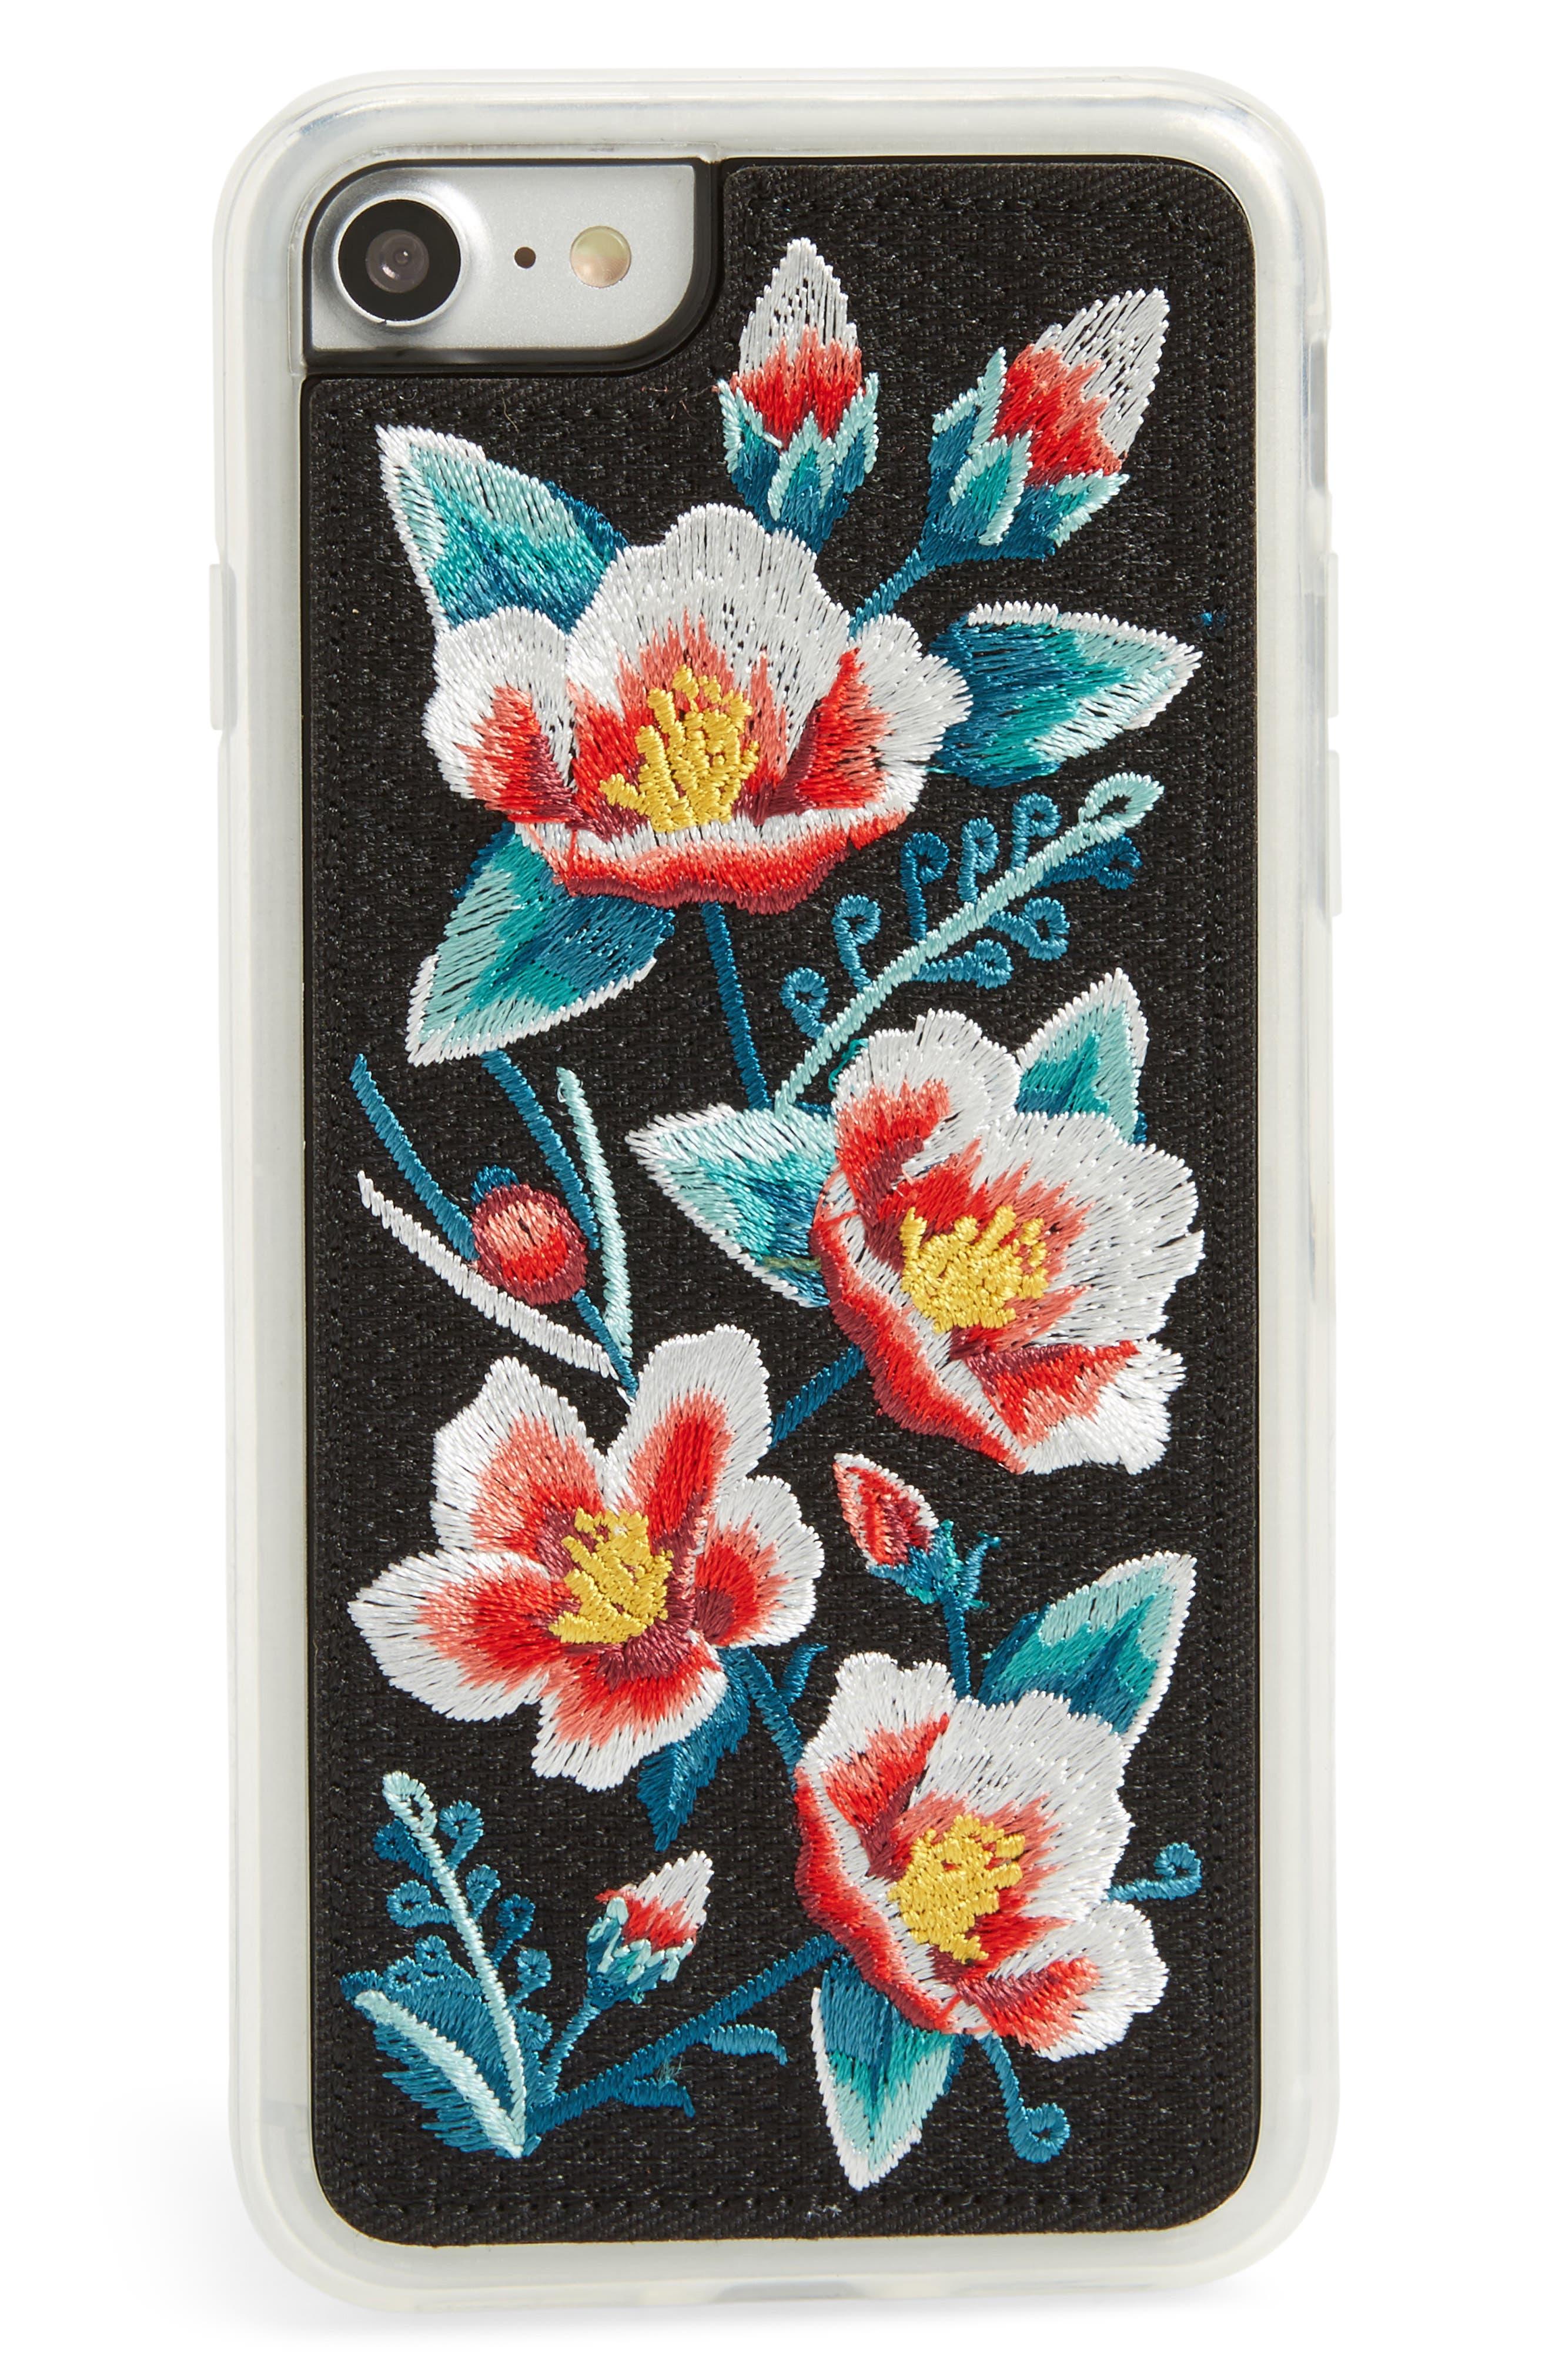 Camellia iPhone 6/6s/7/8 & 6/6s/7/8 Plus Case,                             Main thumbnail 1, color,                             100